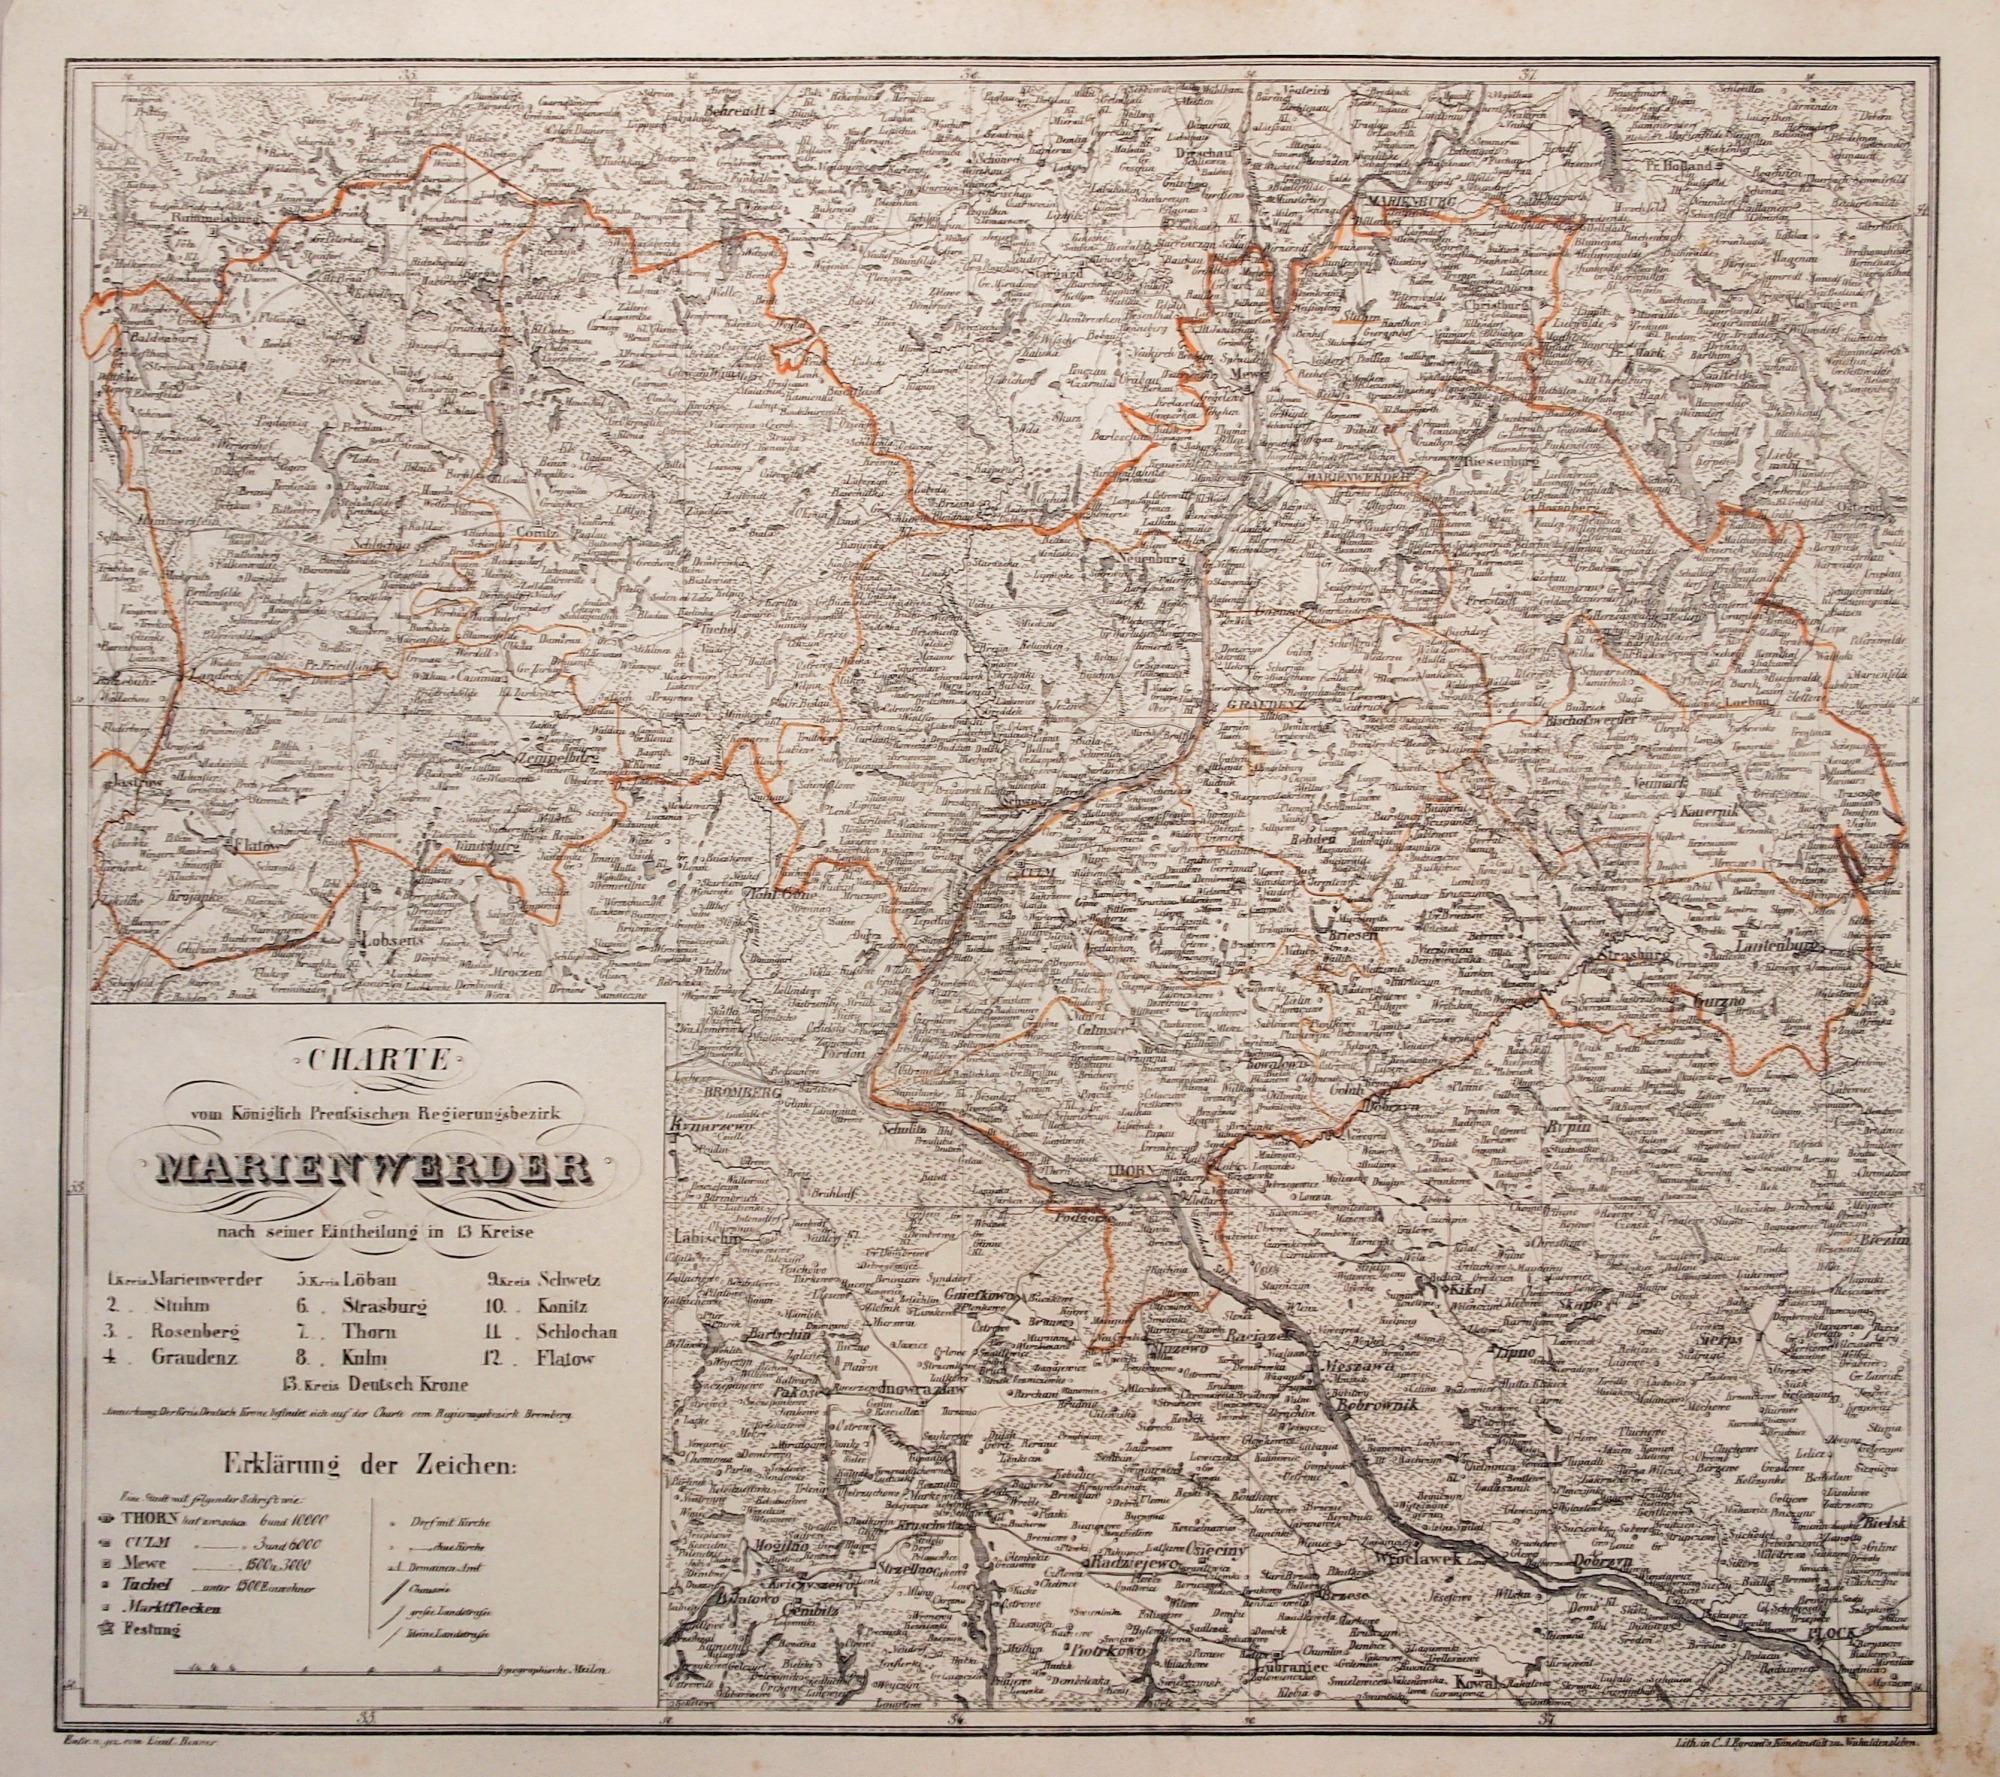 Kwidzyn Mapa Rejencji Kwidzynskiej Utworzonej Po Kongresie